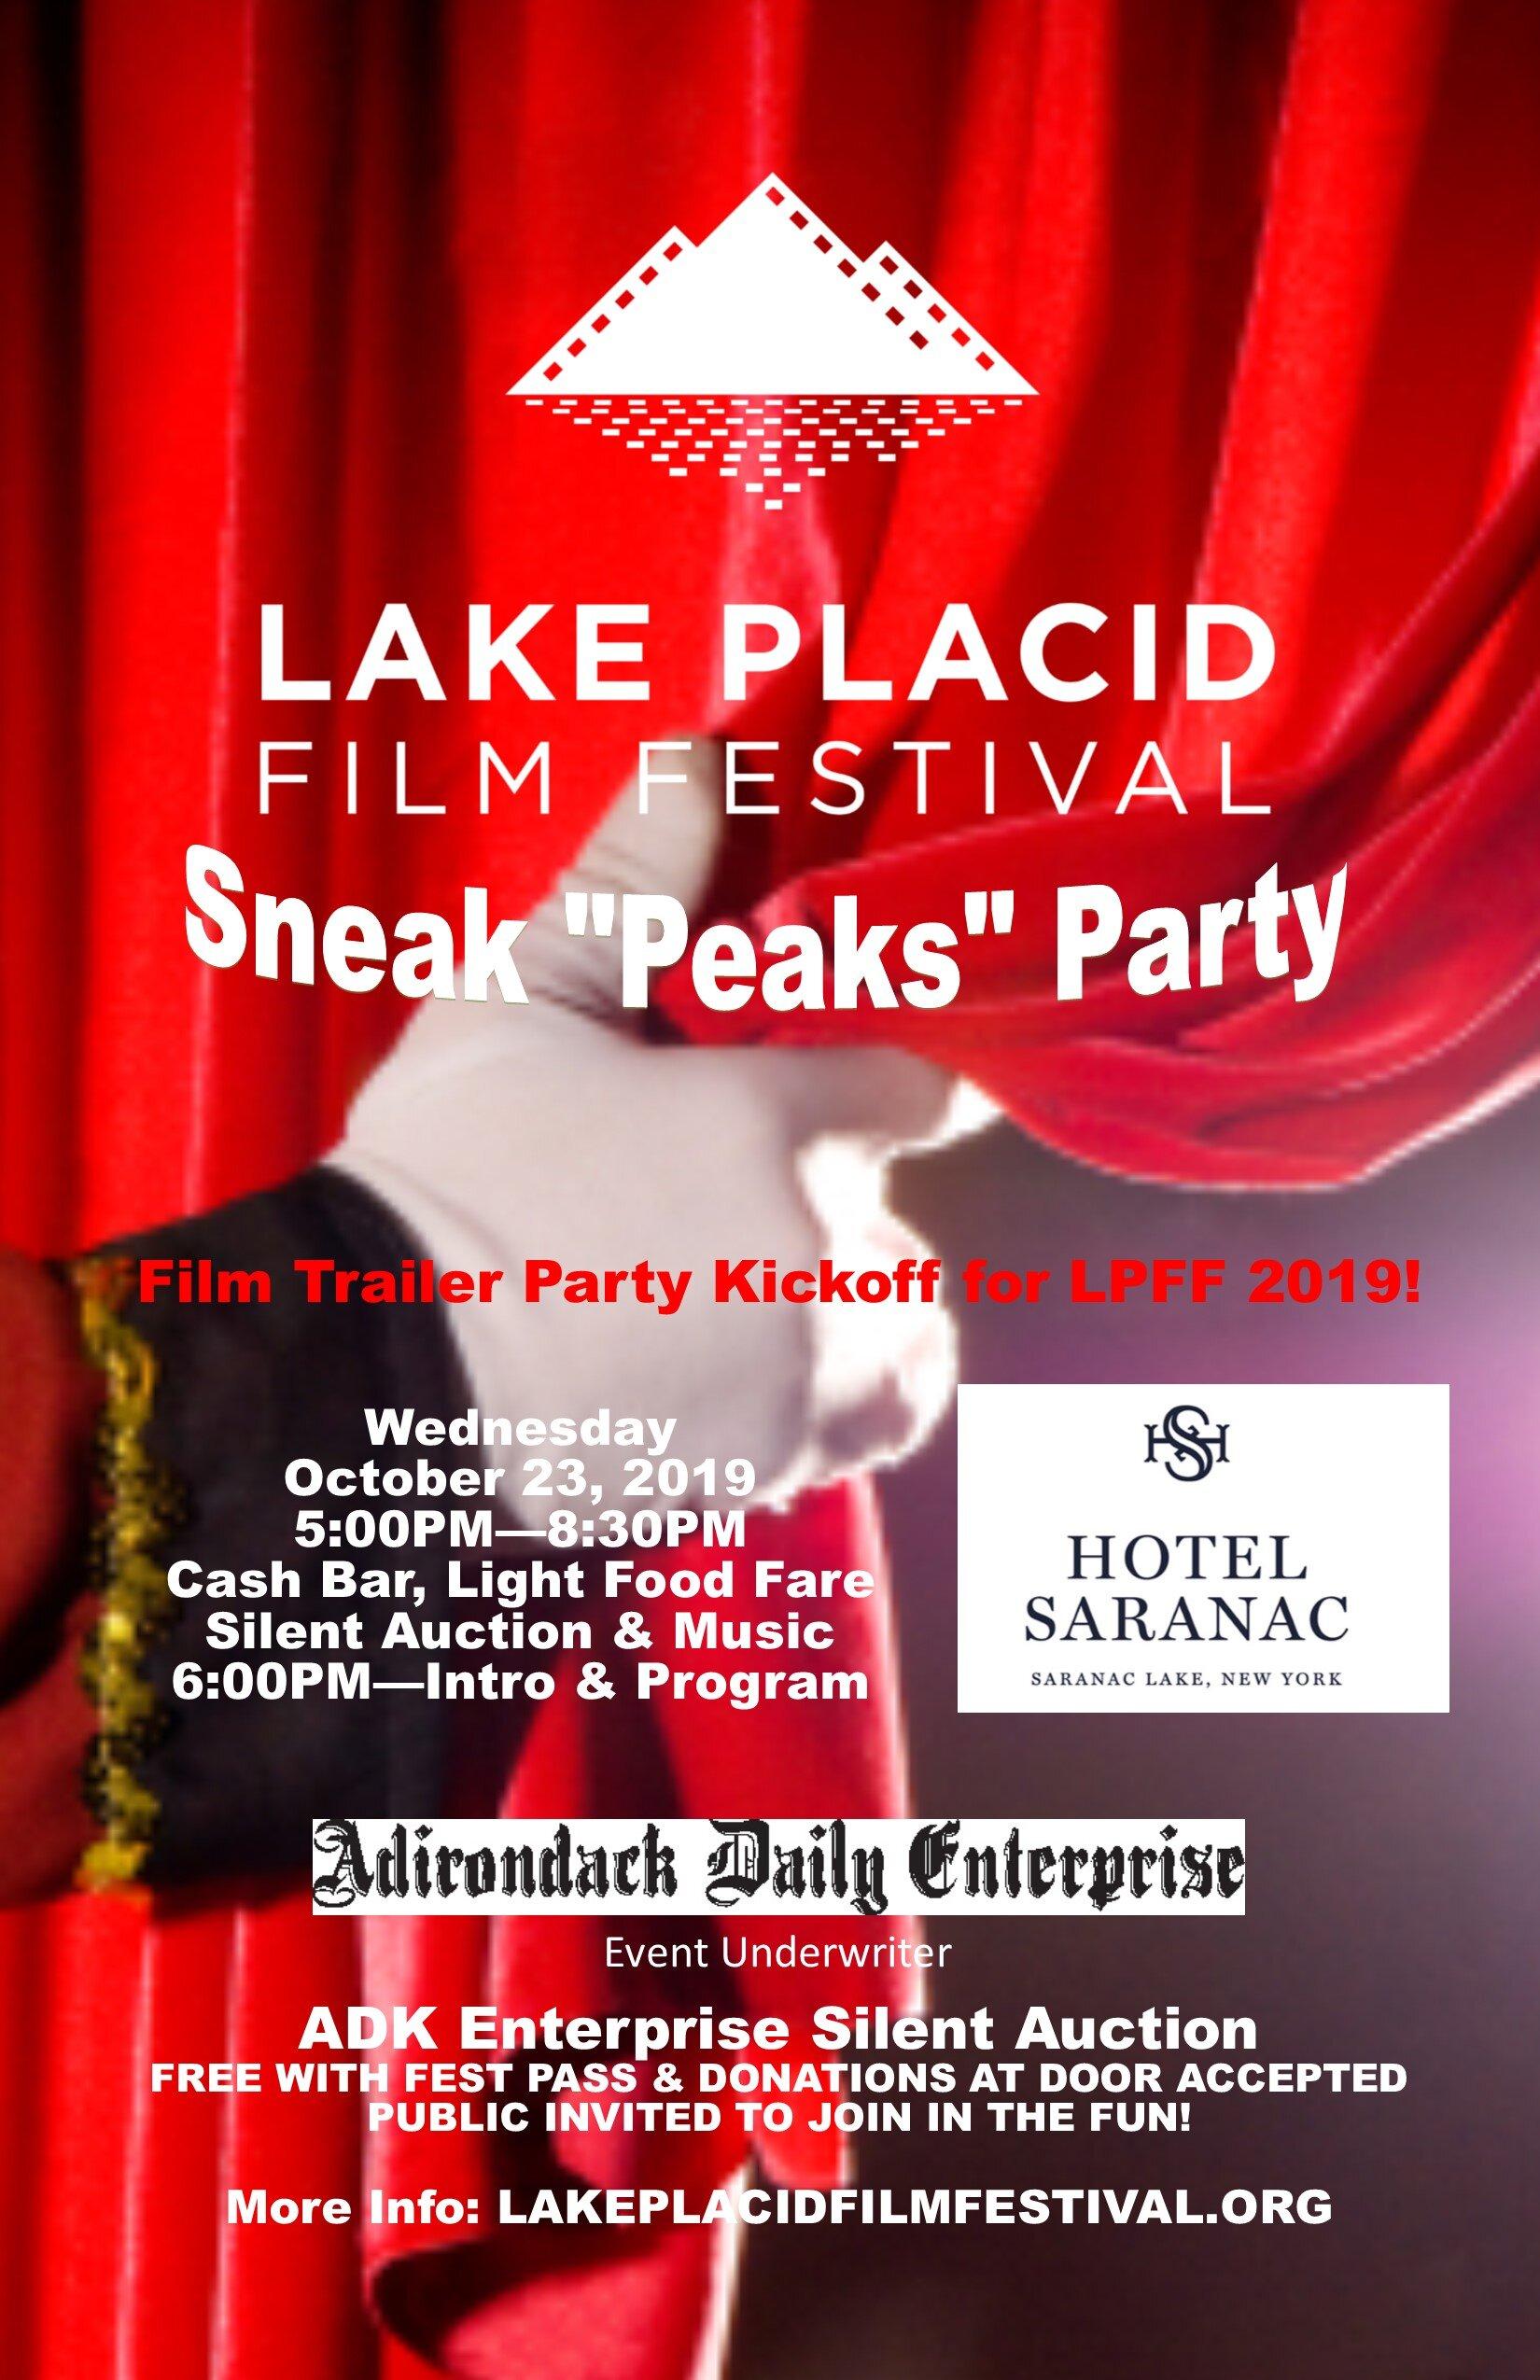 Sneak Peaks Party poster 11x17 with underwriters Cathy version 10-6-19.jpg